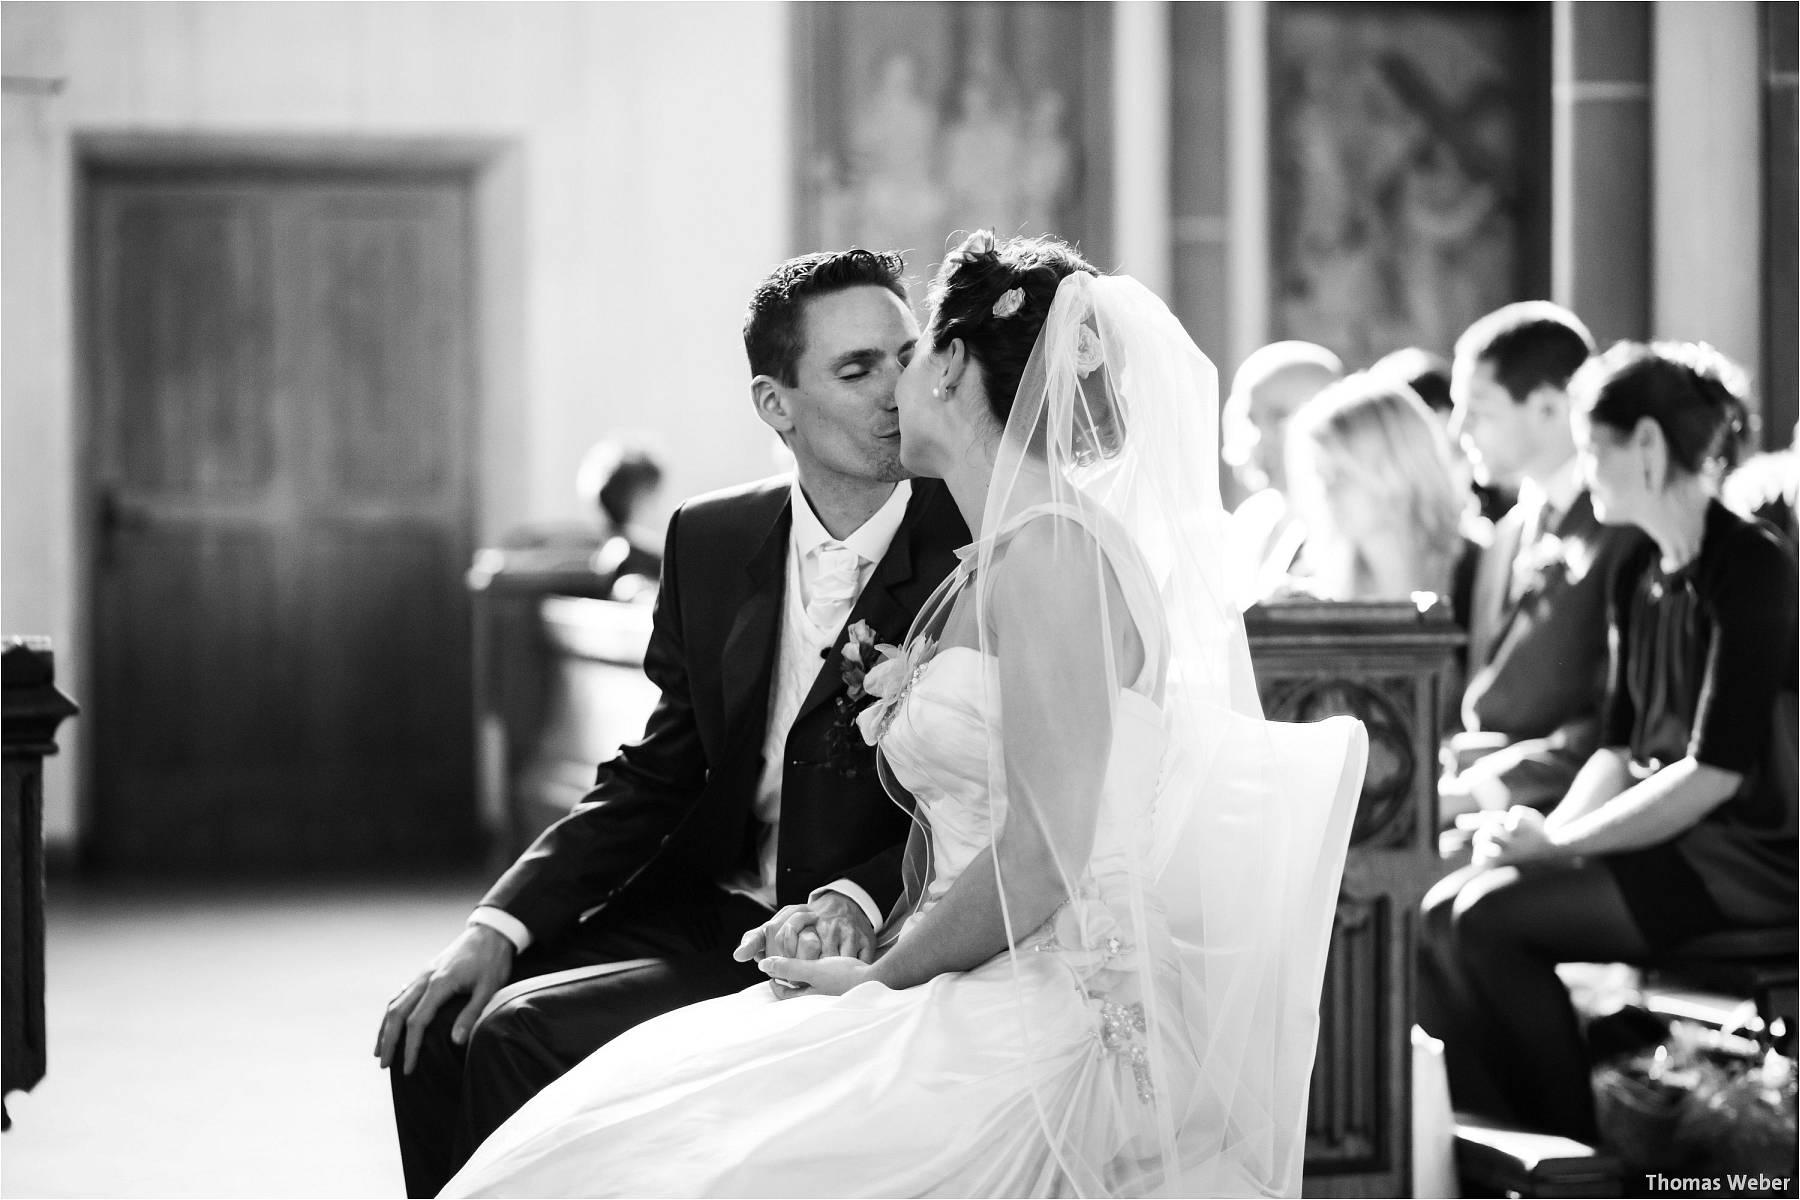 Hochzeitsfotograf Bremen: Kirchliche Trauung in der Propsteikirche St. Johann im Bremer Schnoor und Hochzeitsfeier bei Rogge Dünsen (11)